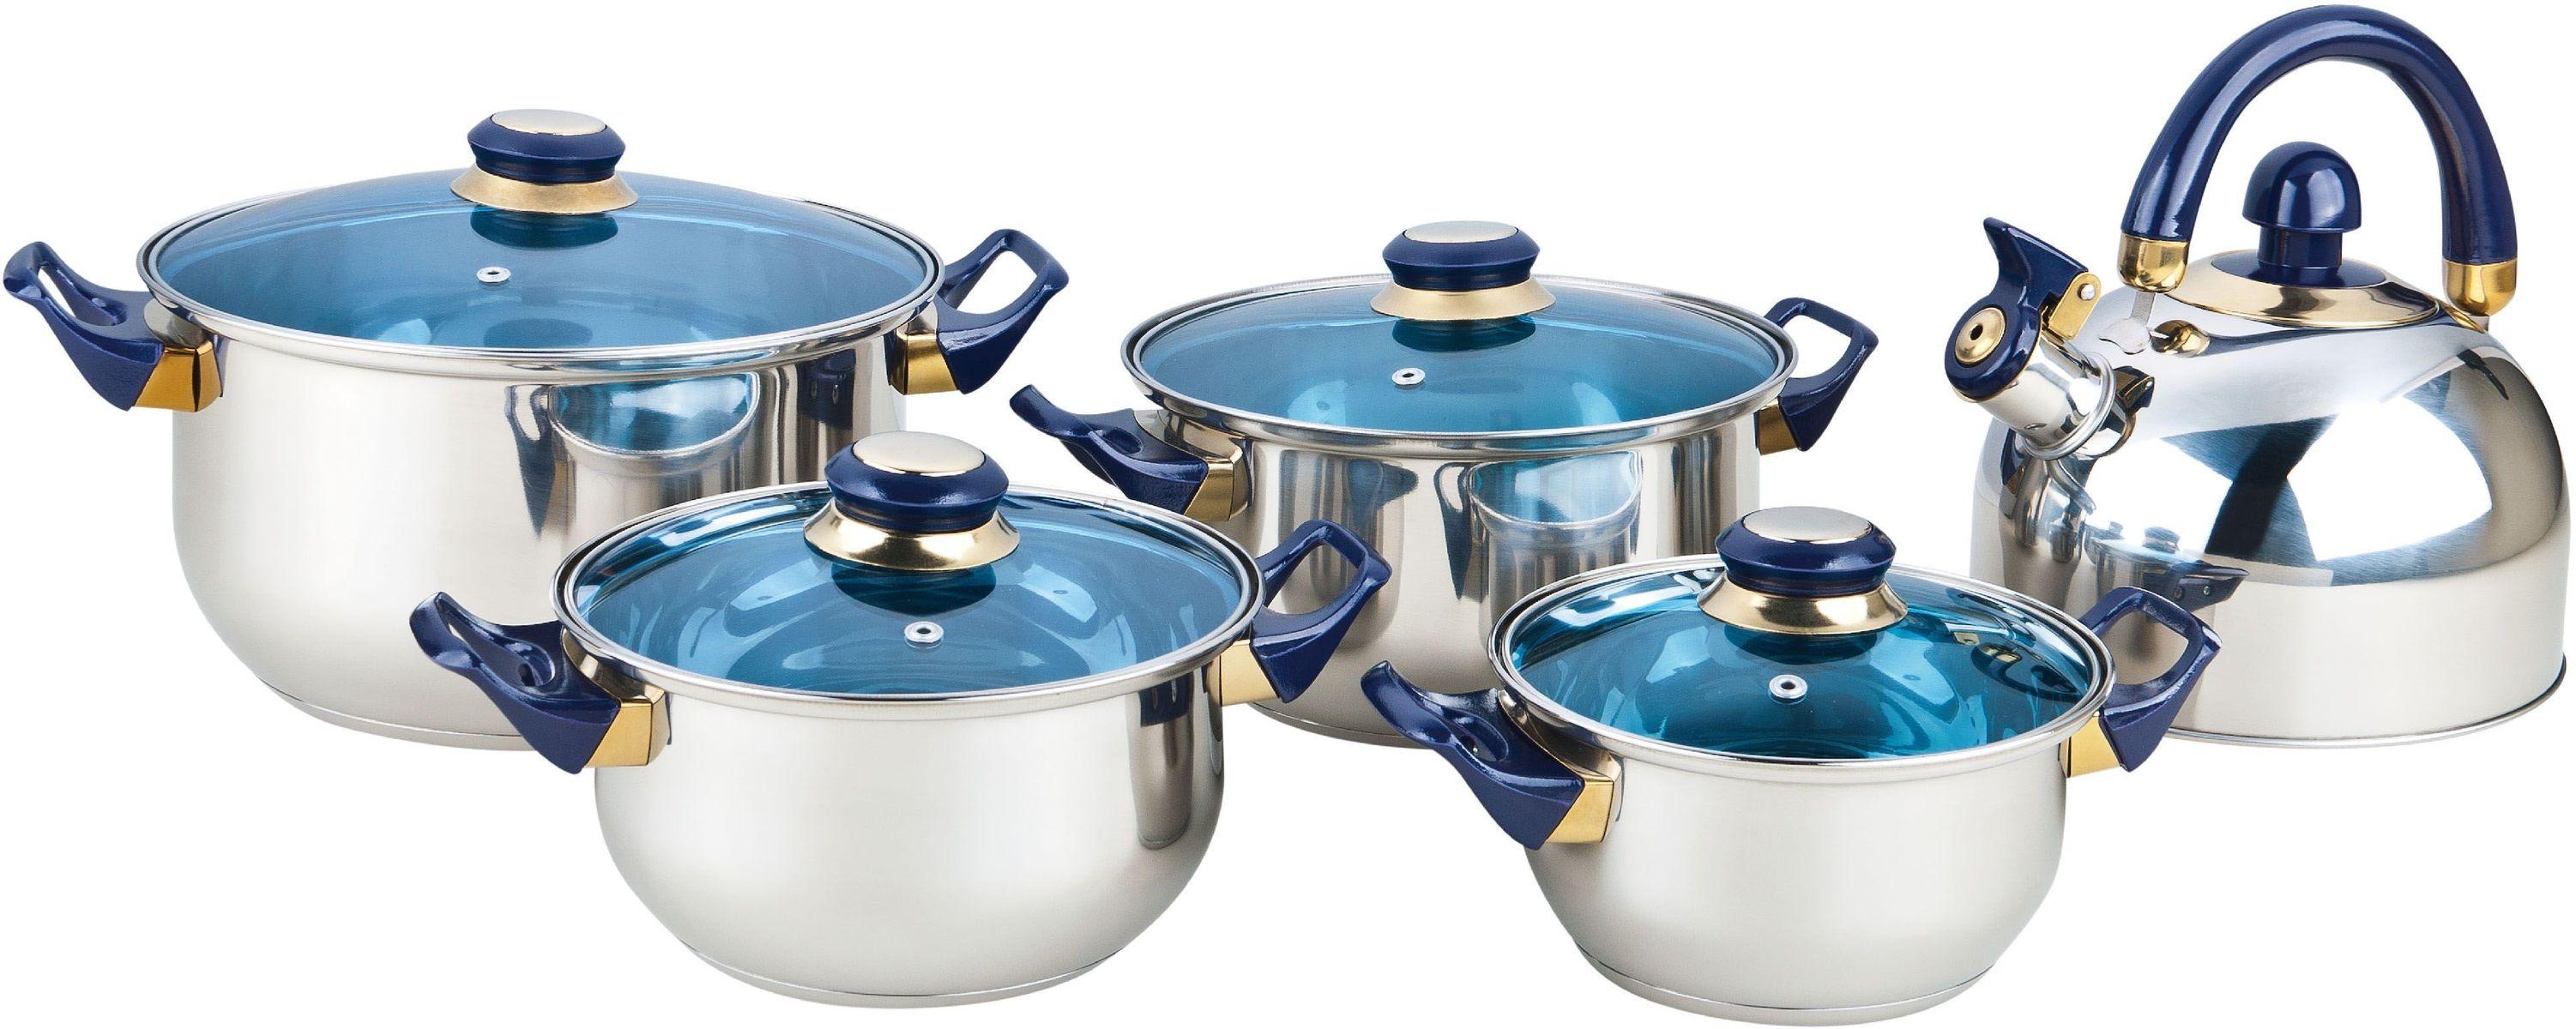 Набор посуды Bekker Classic, 9 предметов. BK-460554 0093129 предметов: 4 кастрюли со стеклянными крышками : 16см/1,6л, 18см/2,4л, 20см/2,8л, 24см/5,6л и чайник 2л. метал.со свистком и подвижной ручкой. Ручки бакелитовые темно-синие, поверхность зеркальная, капсулированное дно, толщина стенки 0,3 мм, дна 1,0 мм. Подходит для чистки в посудомоечной машине. Состав: нержавеющая сталь.